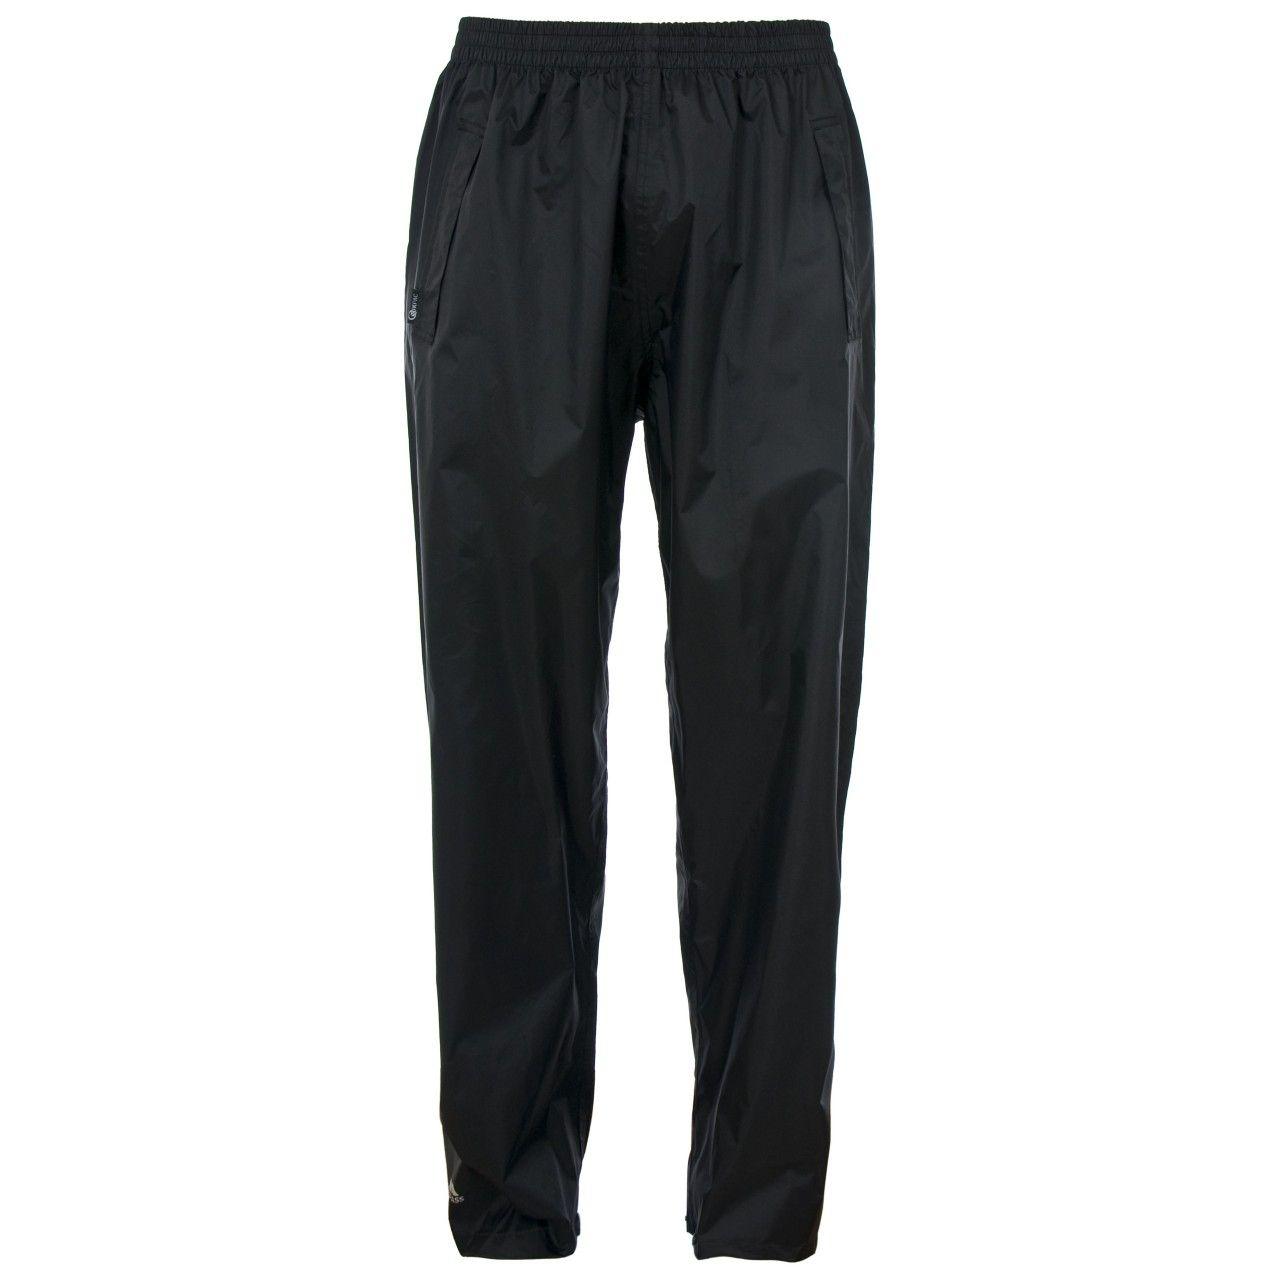 Trespass Unisex Qikpac Packaway Waterproof Trousers